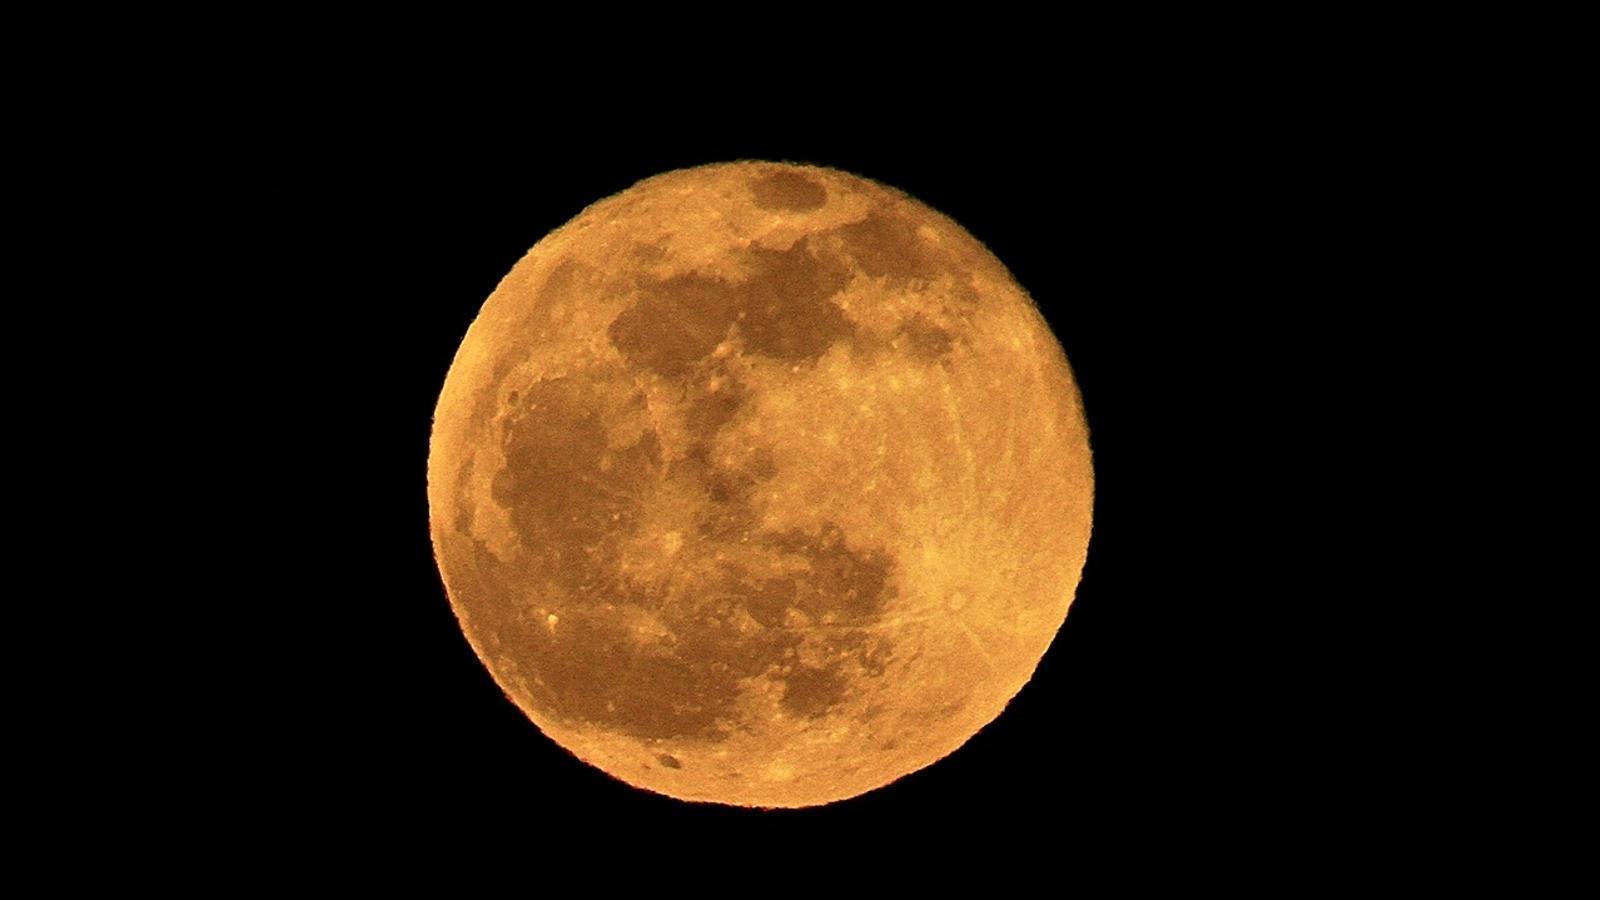 Un exemple de la lluna rogenca que es podrà veure el proper divendres / JAUME MOS